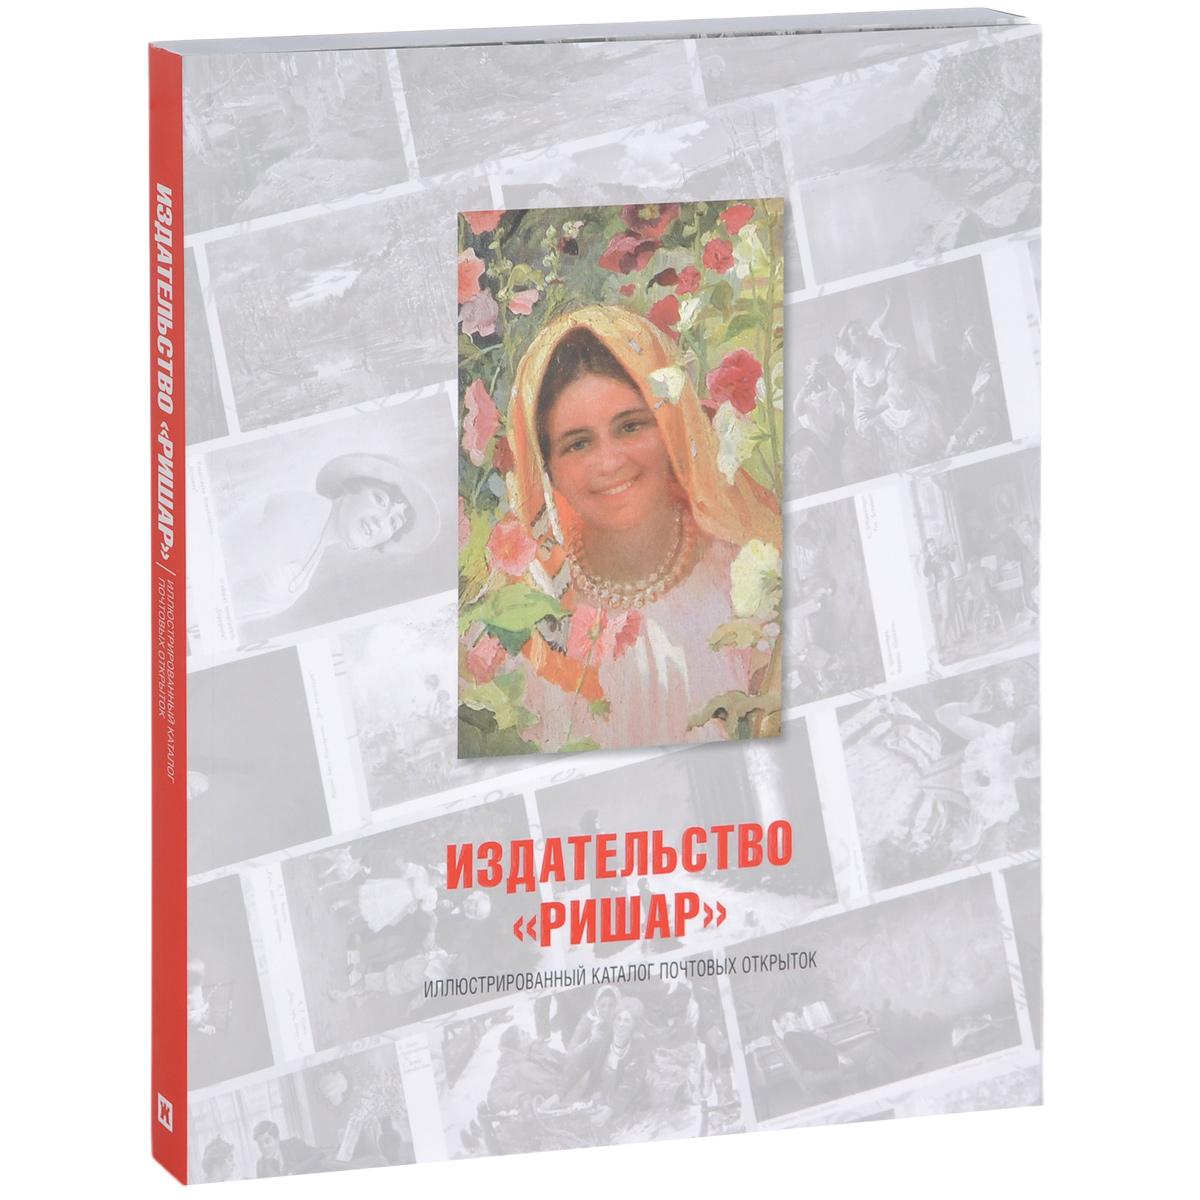 Издательство Ришар. Иллюстрированный каталог почтовых открыток